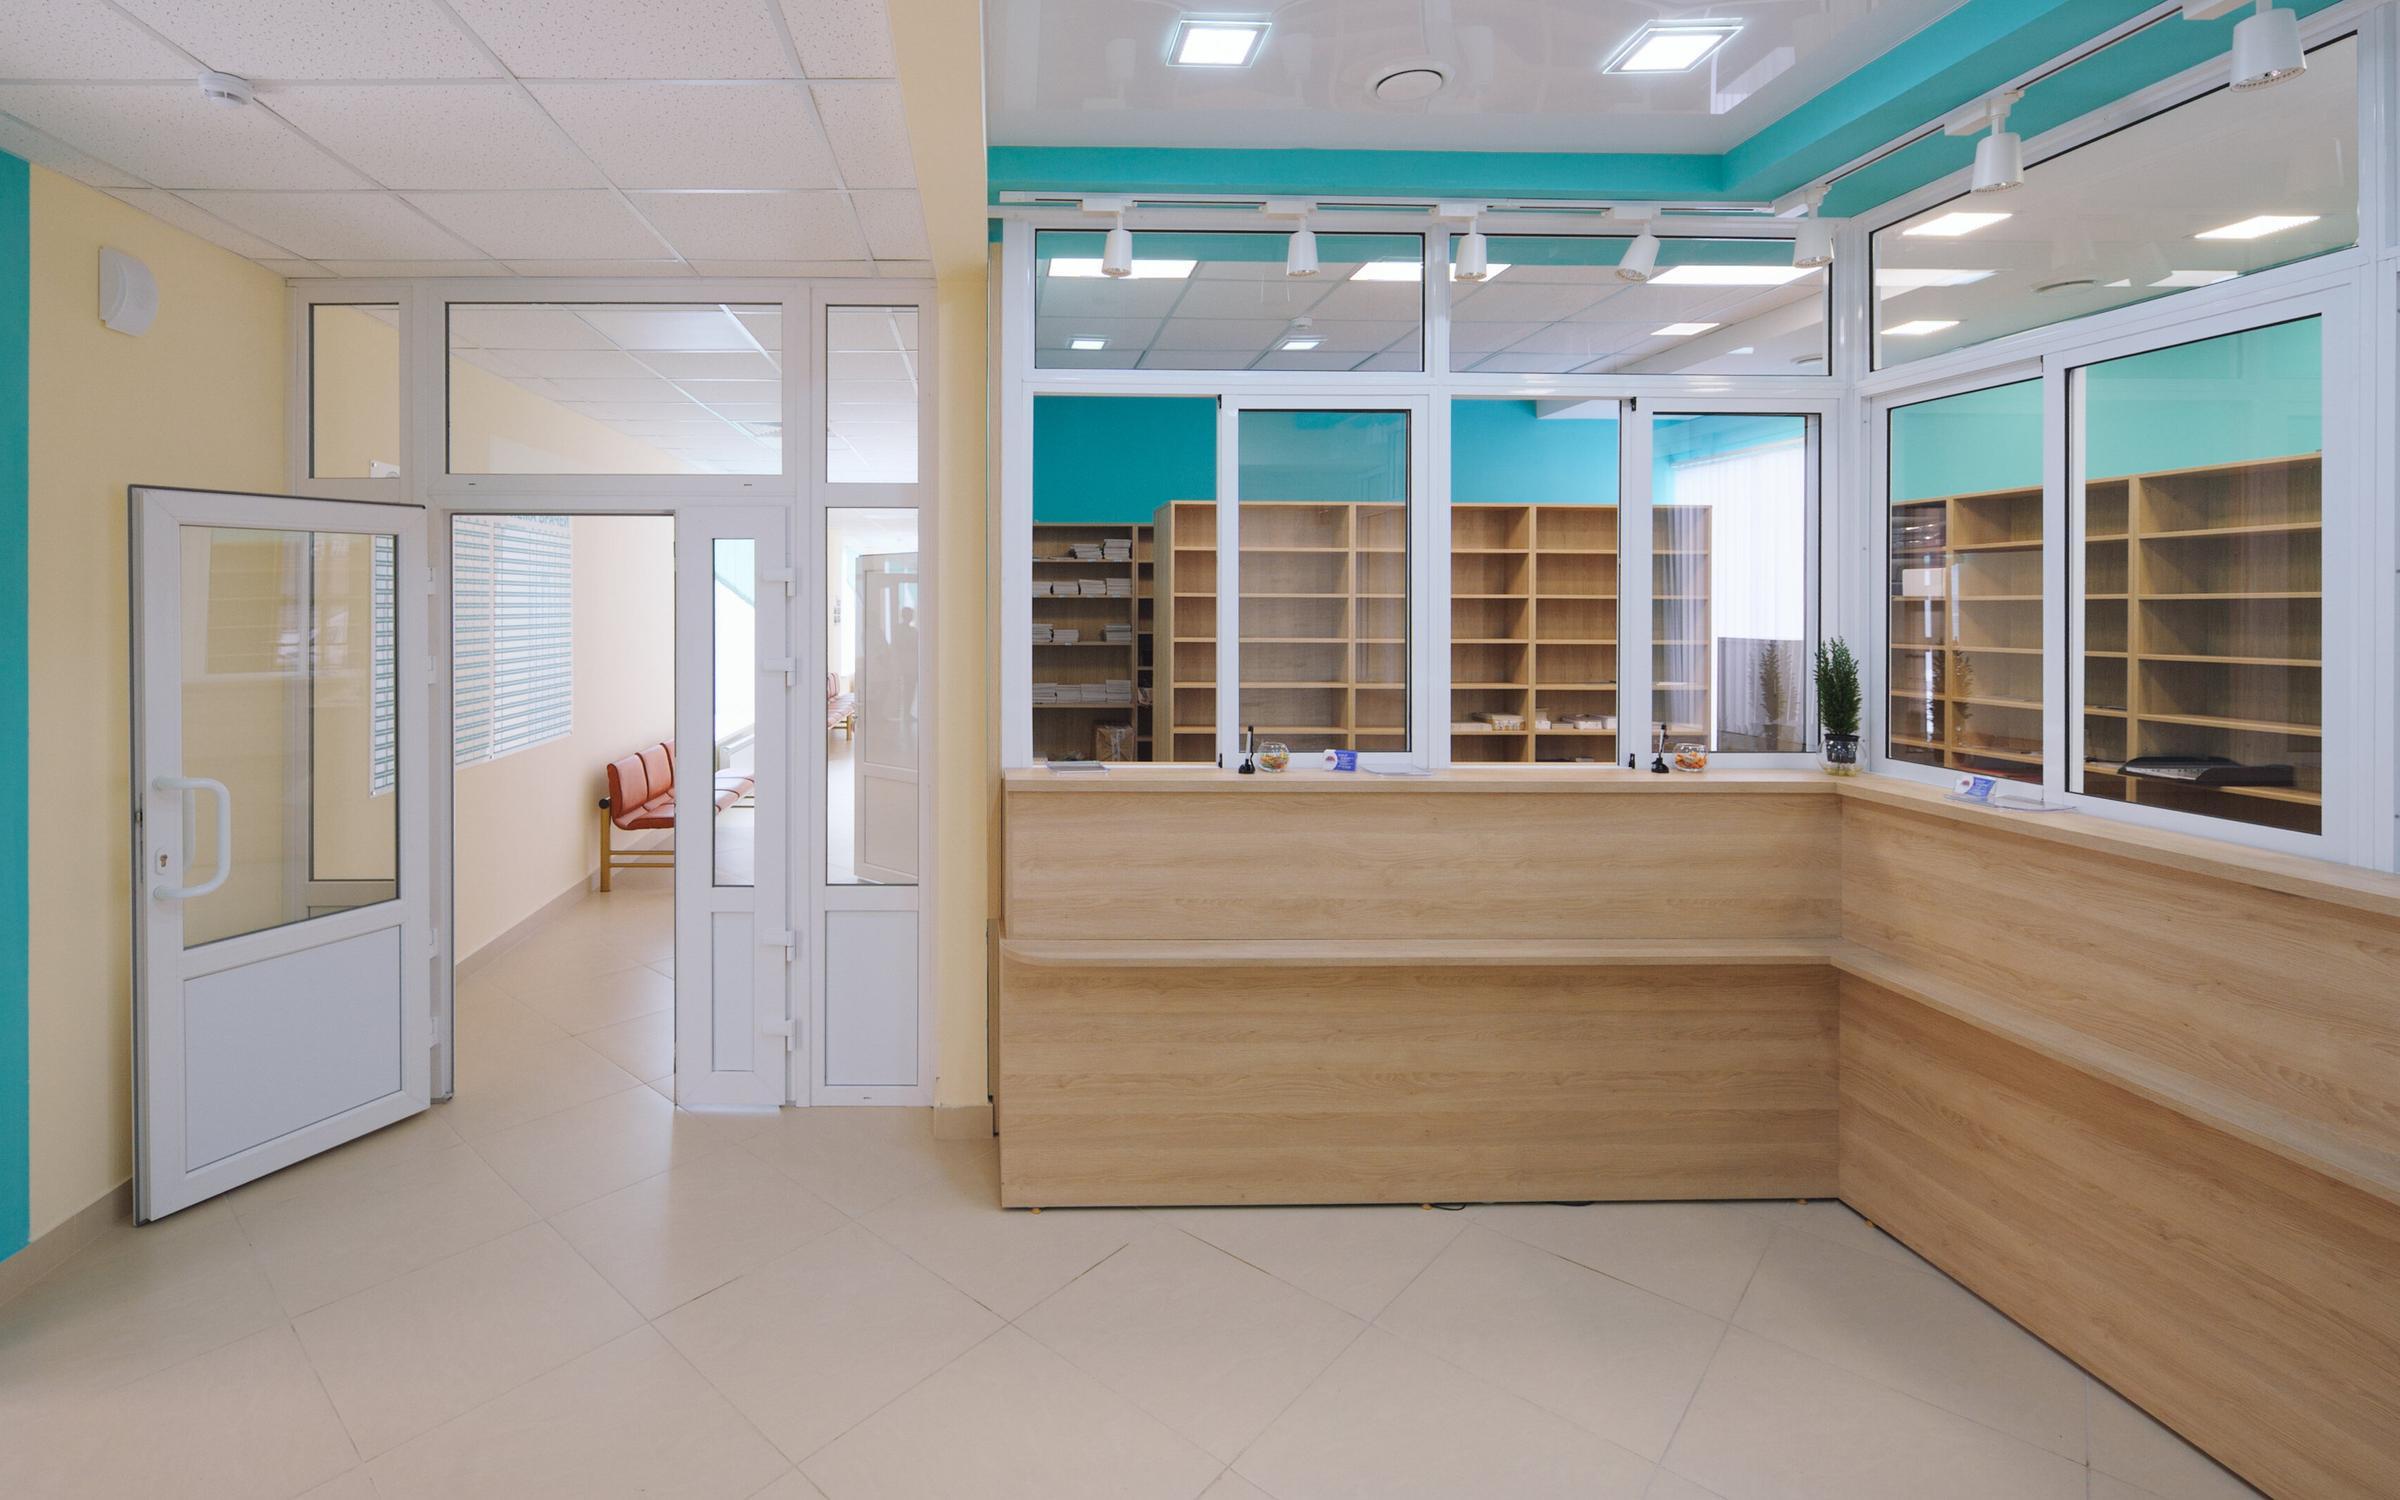 фотография Лечебно-диагностического центра ПЕРЕСВЕТ в Центральном районе